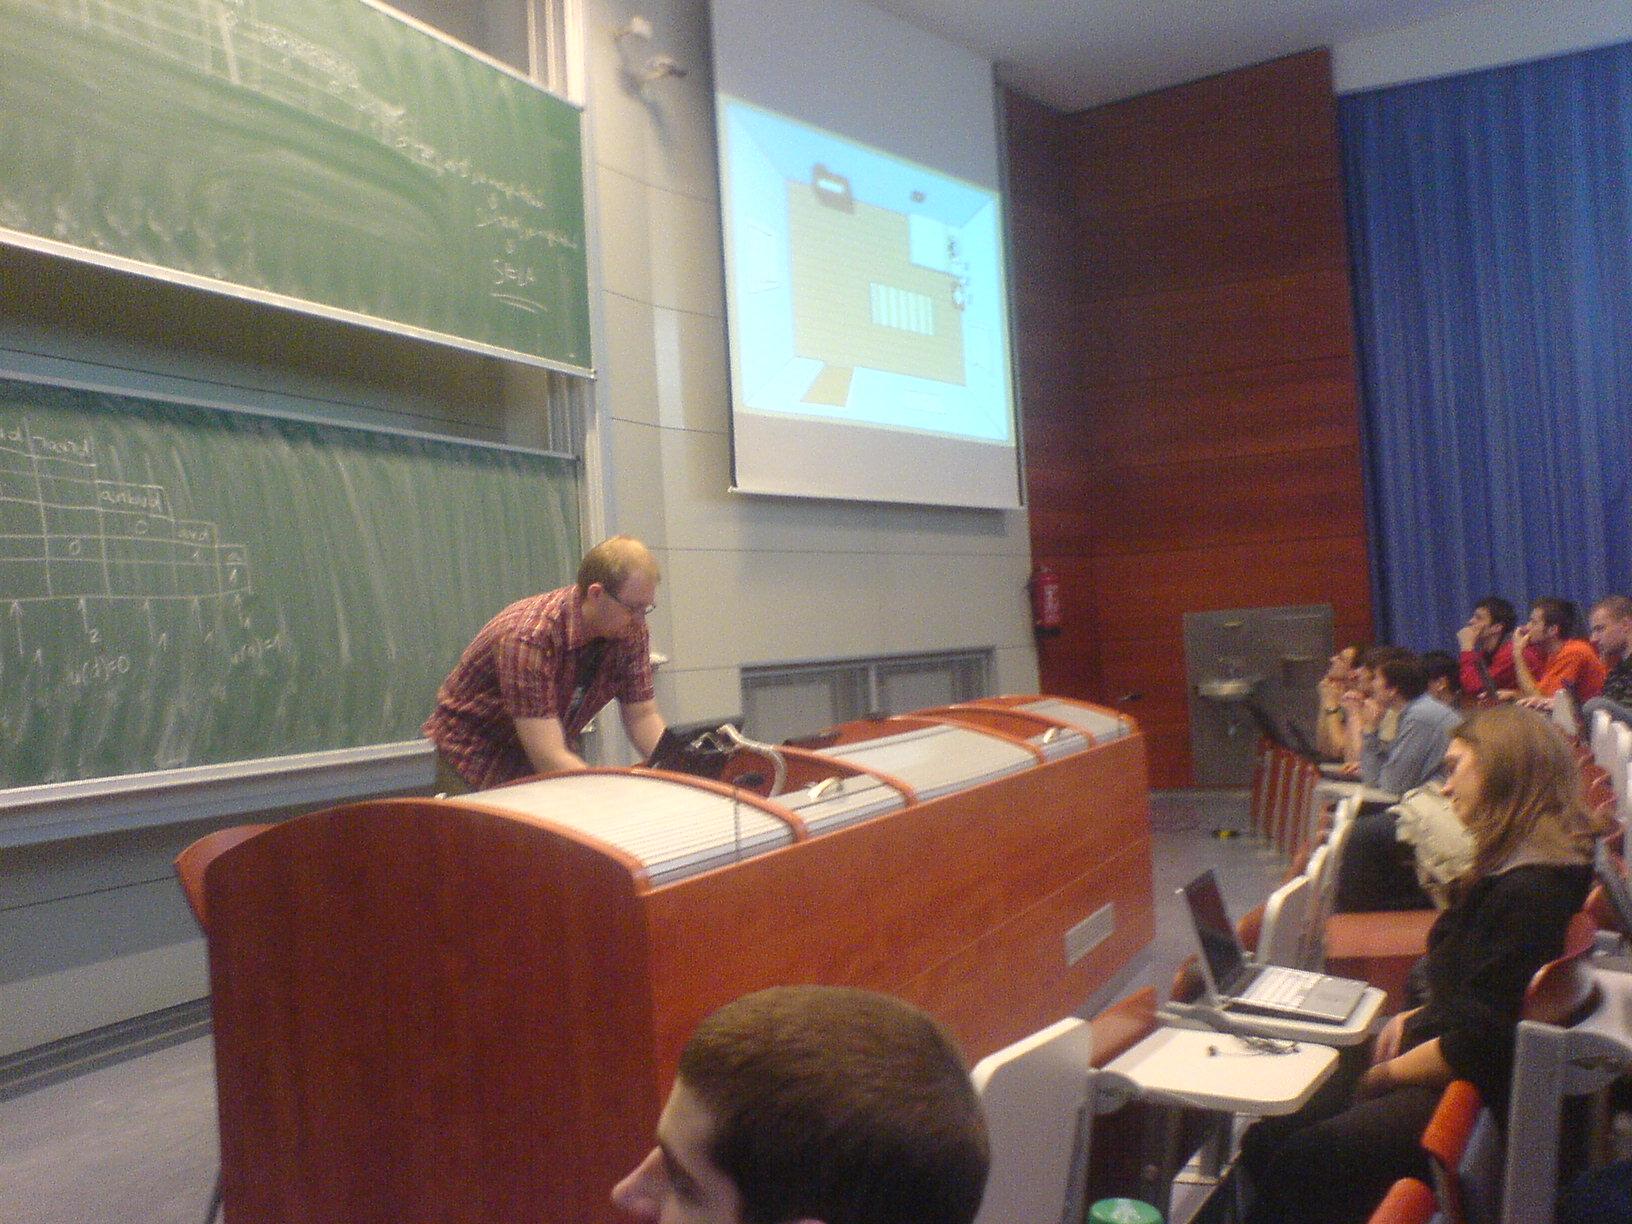 Přednáška Objektové modelování - pan Píše pouští před přednáškou odlehčující video.